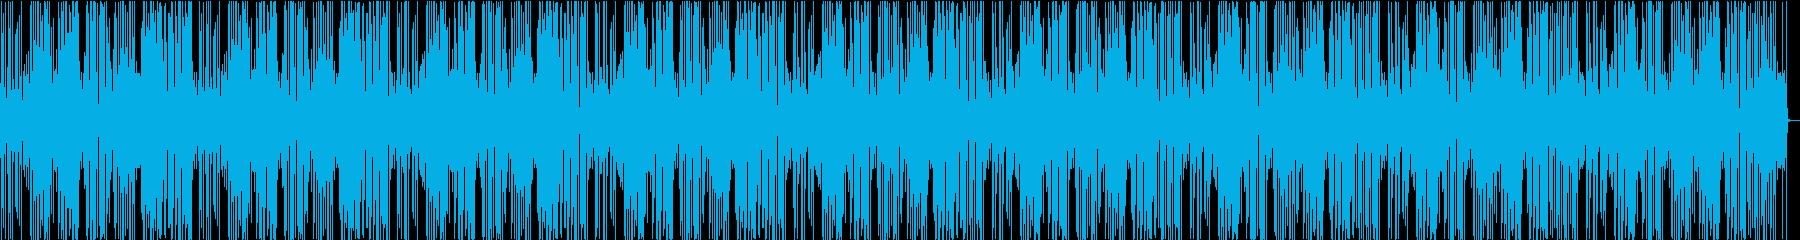 トーク、ピアノ、ほのぼの、かわいいの再生済みの波形